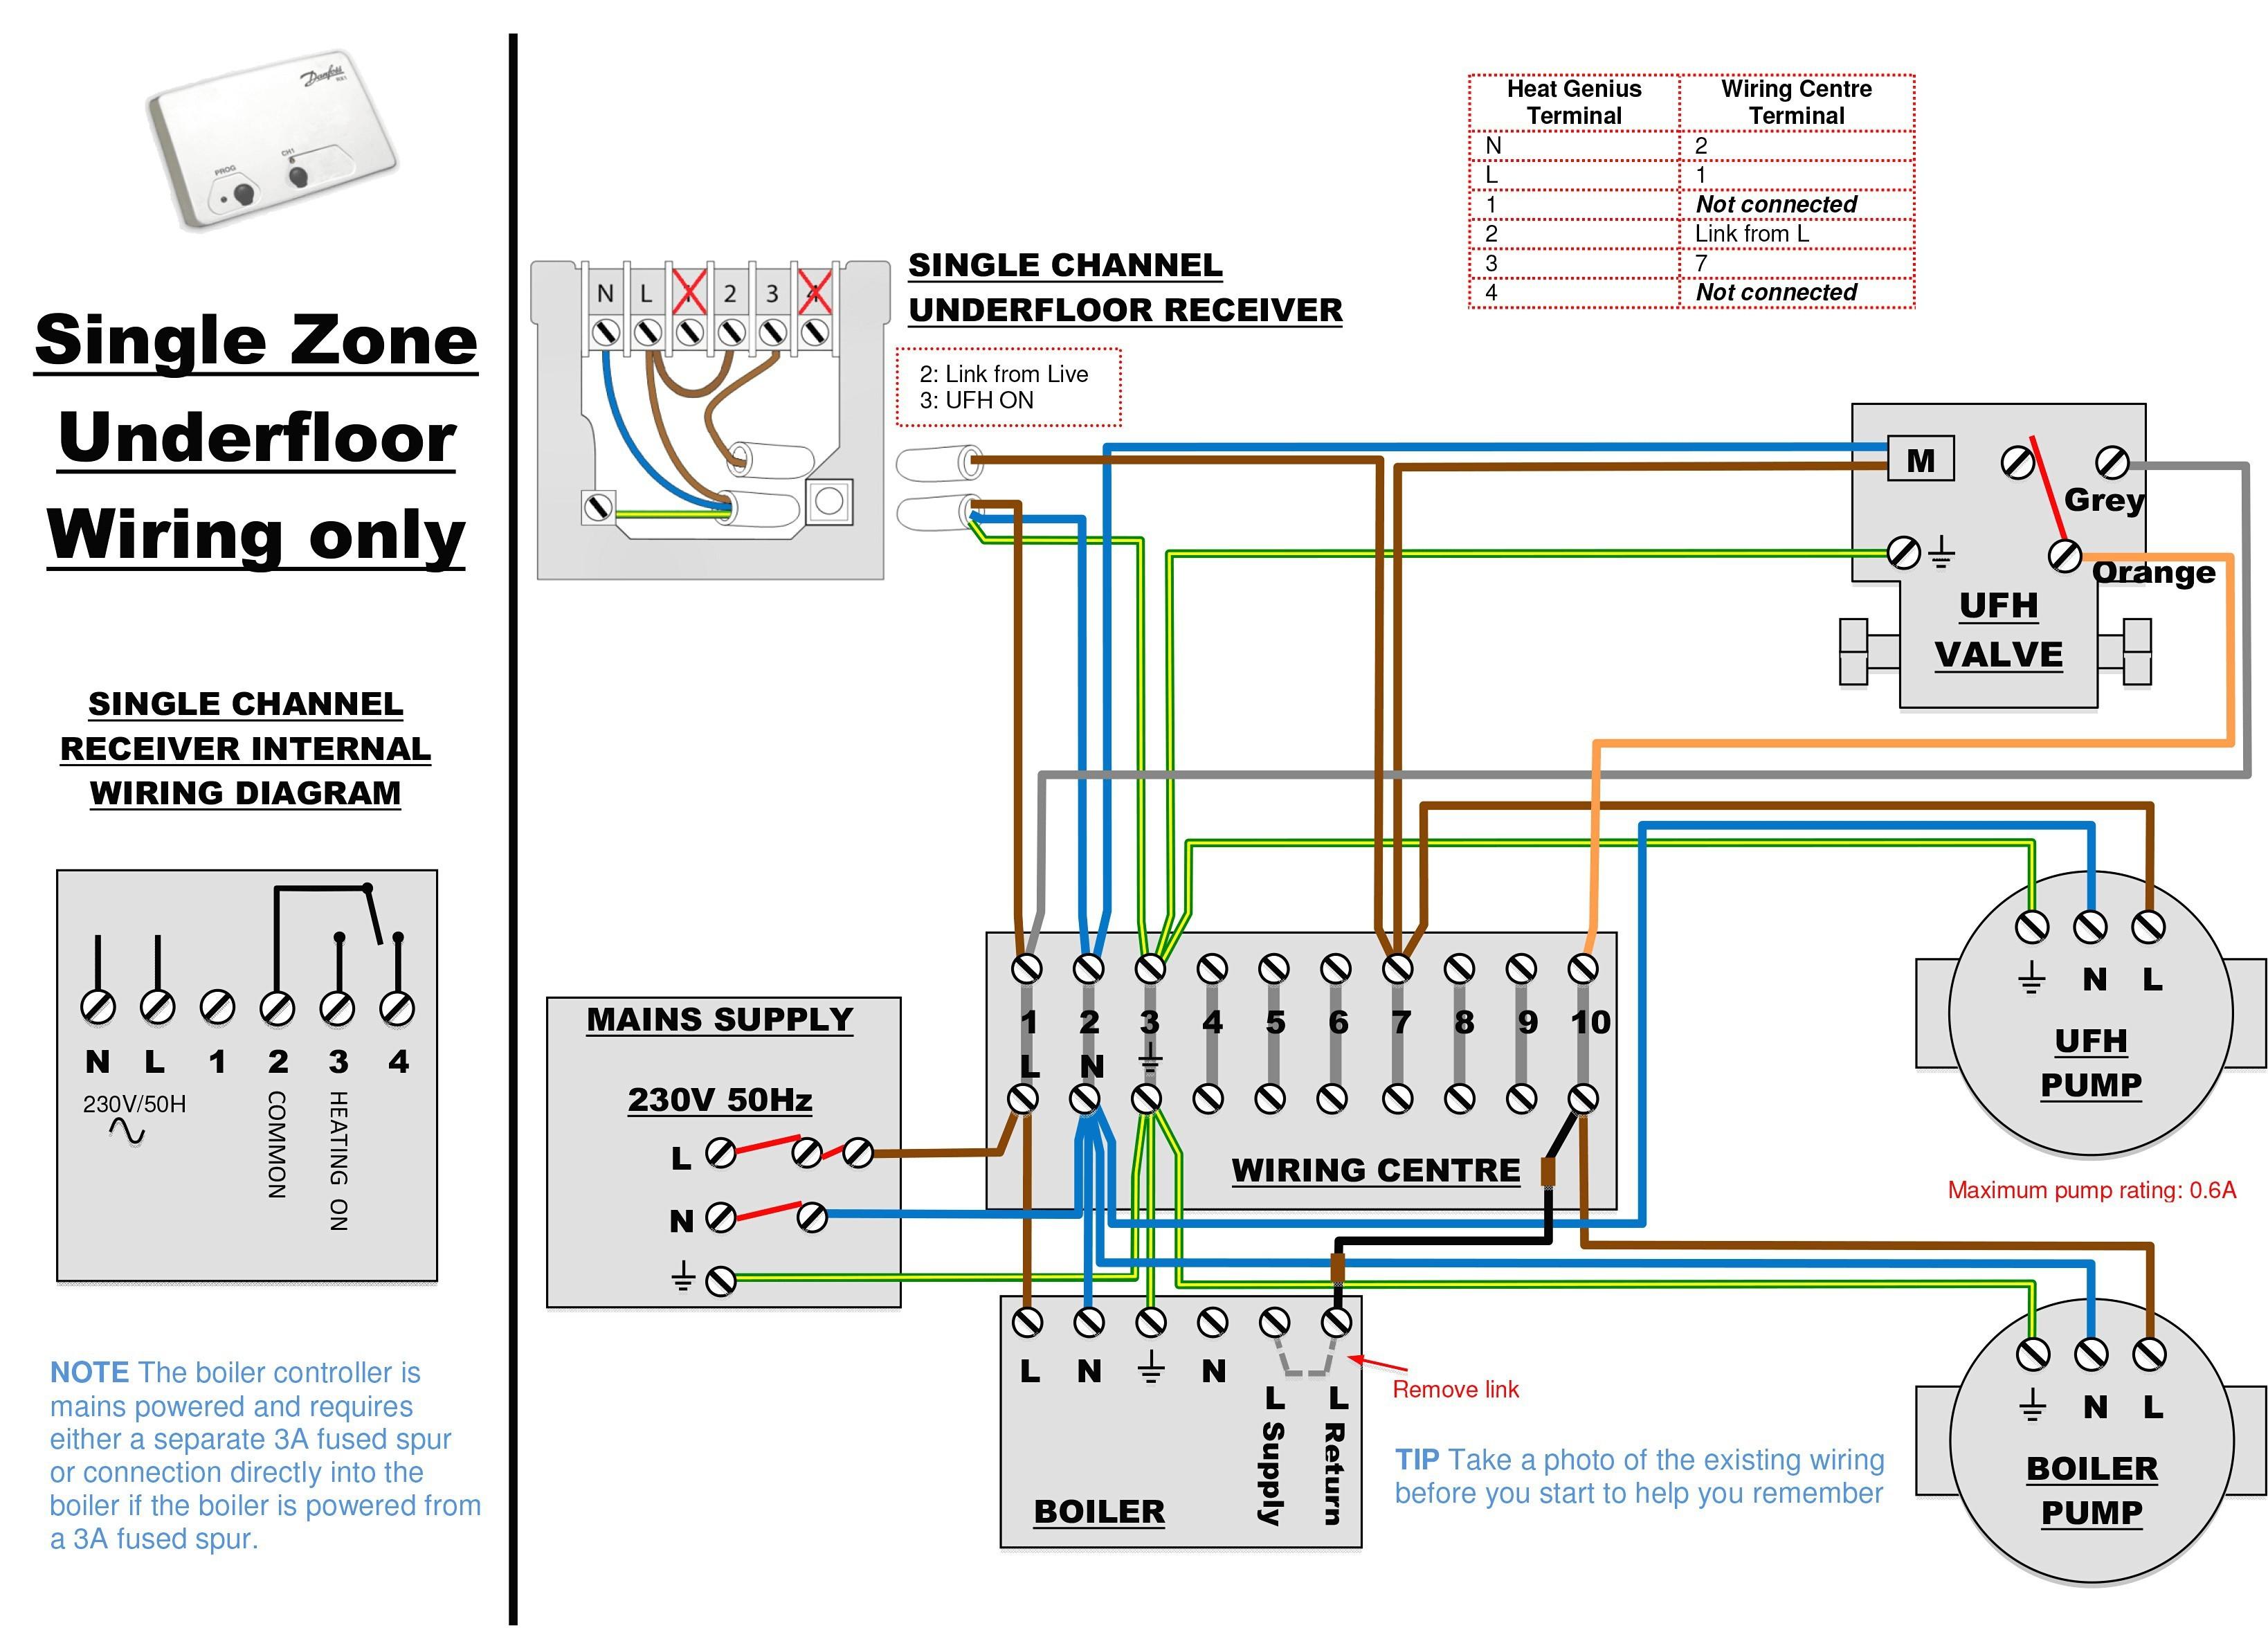 House Wiring Diagram Elegant Nice Underfloor Heating Wiring Diagram S Electrical Circuit